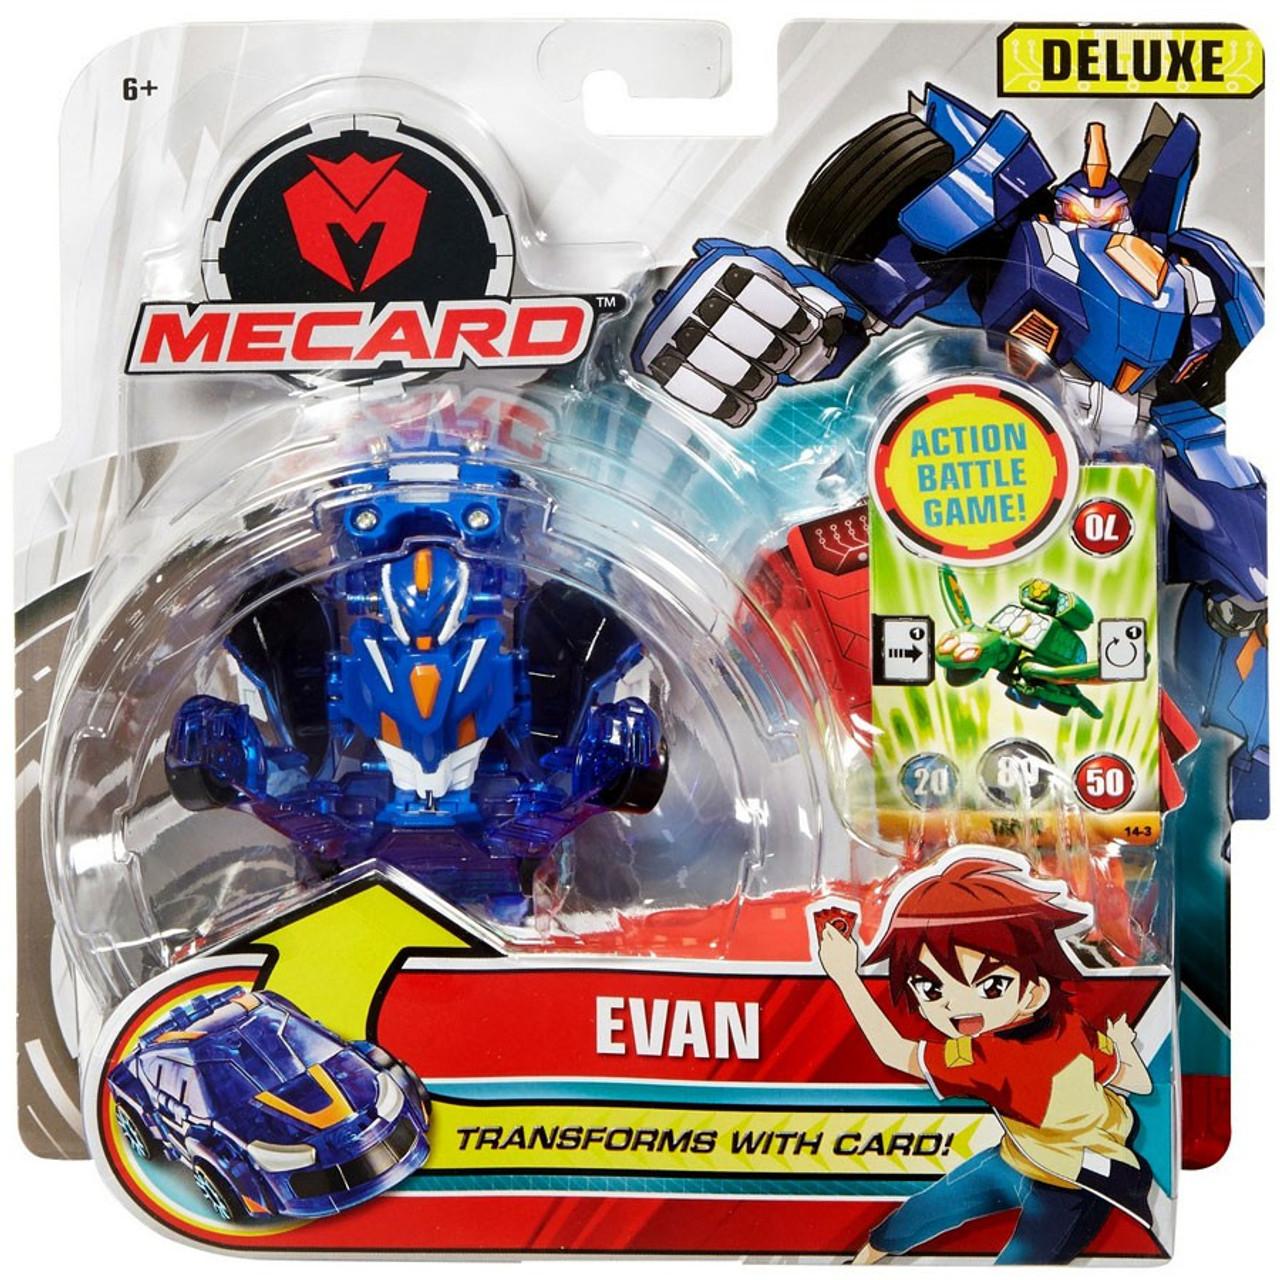 b42ac97ef18 MeCard Deluxe Mecardimal Evan Figure Mattel - ToyWiz